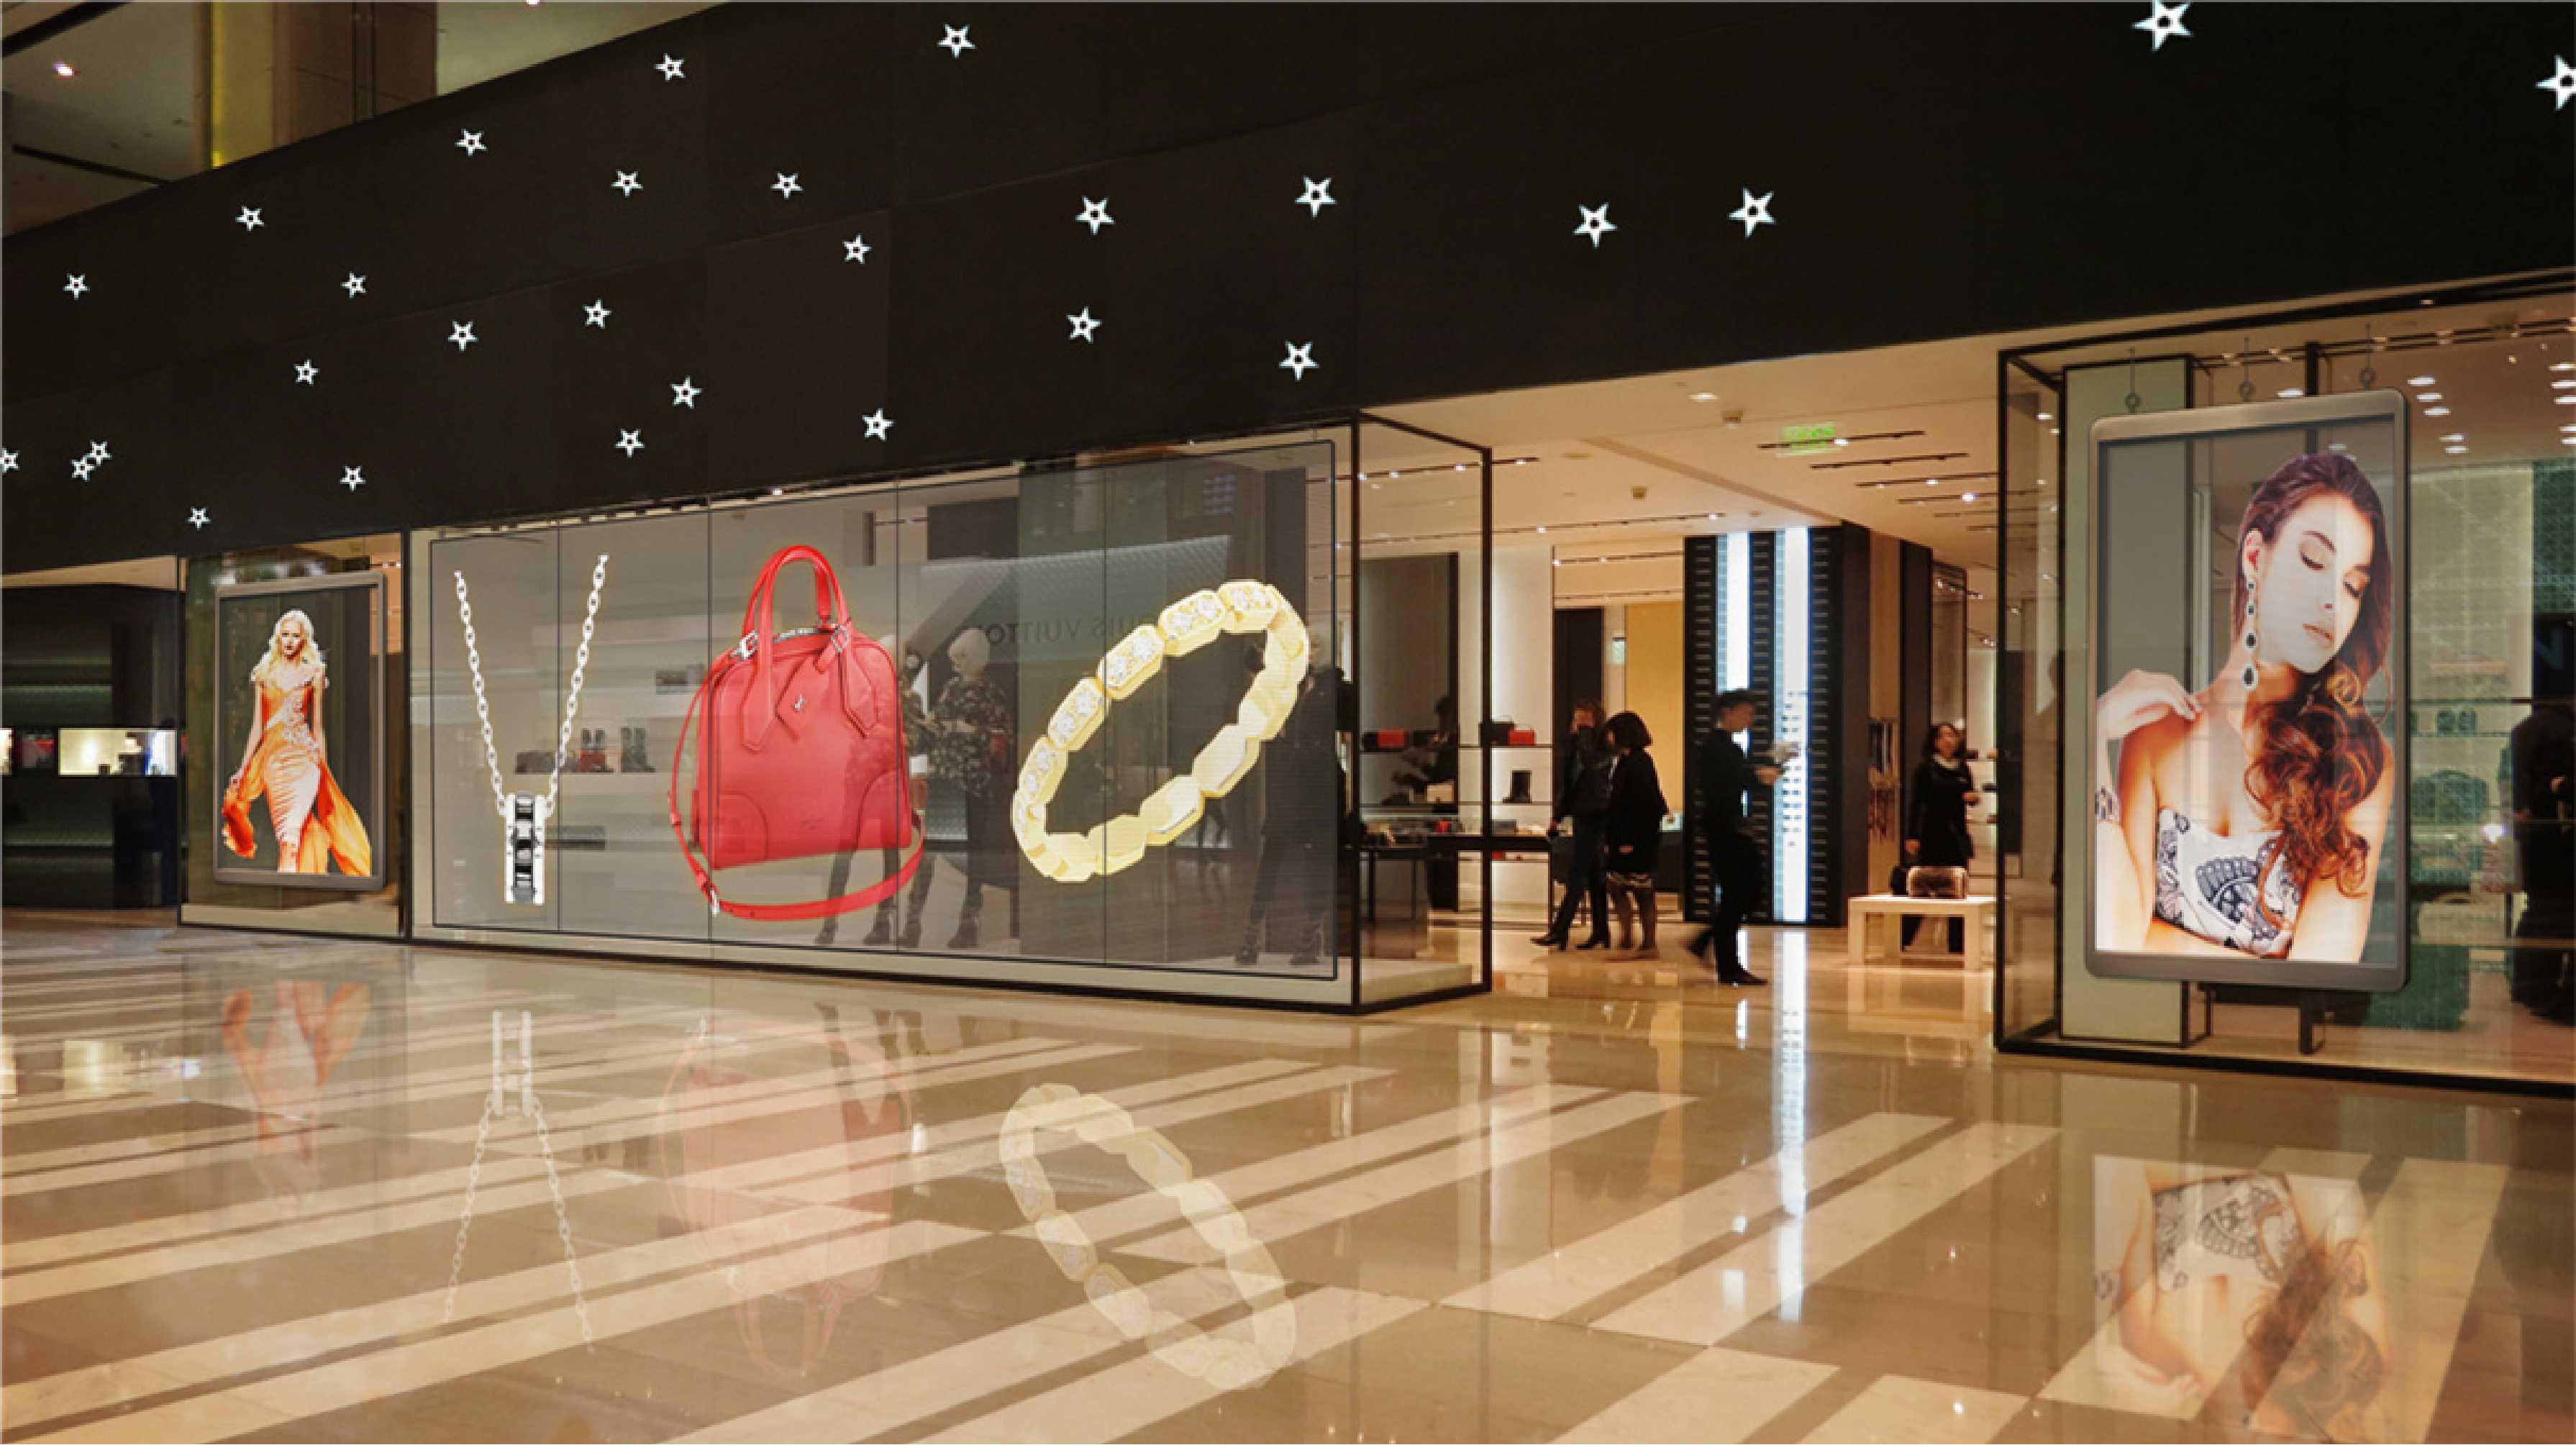 全息玻璃展柜 玻璃展示 互动橱窗